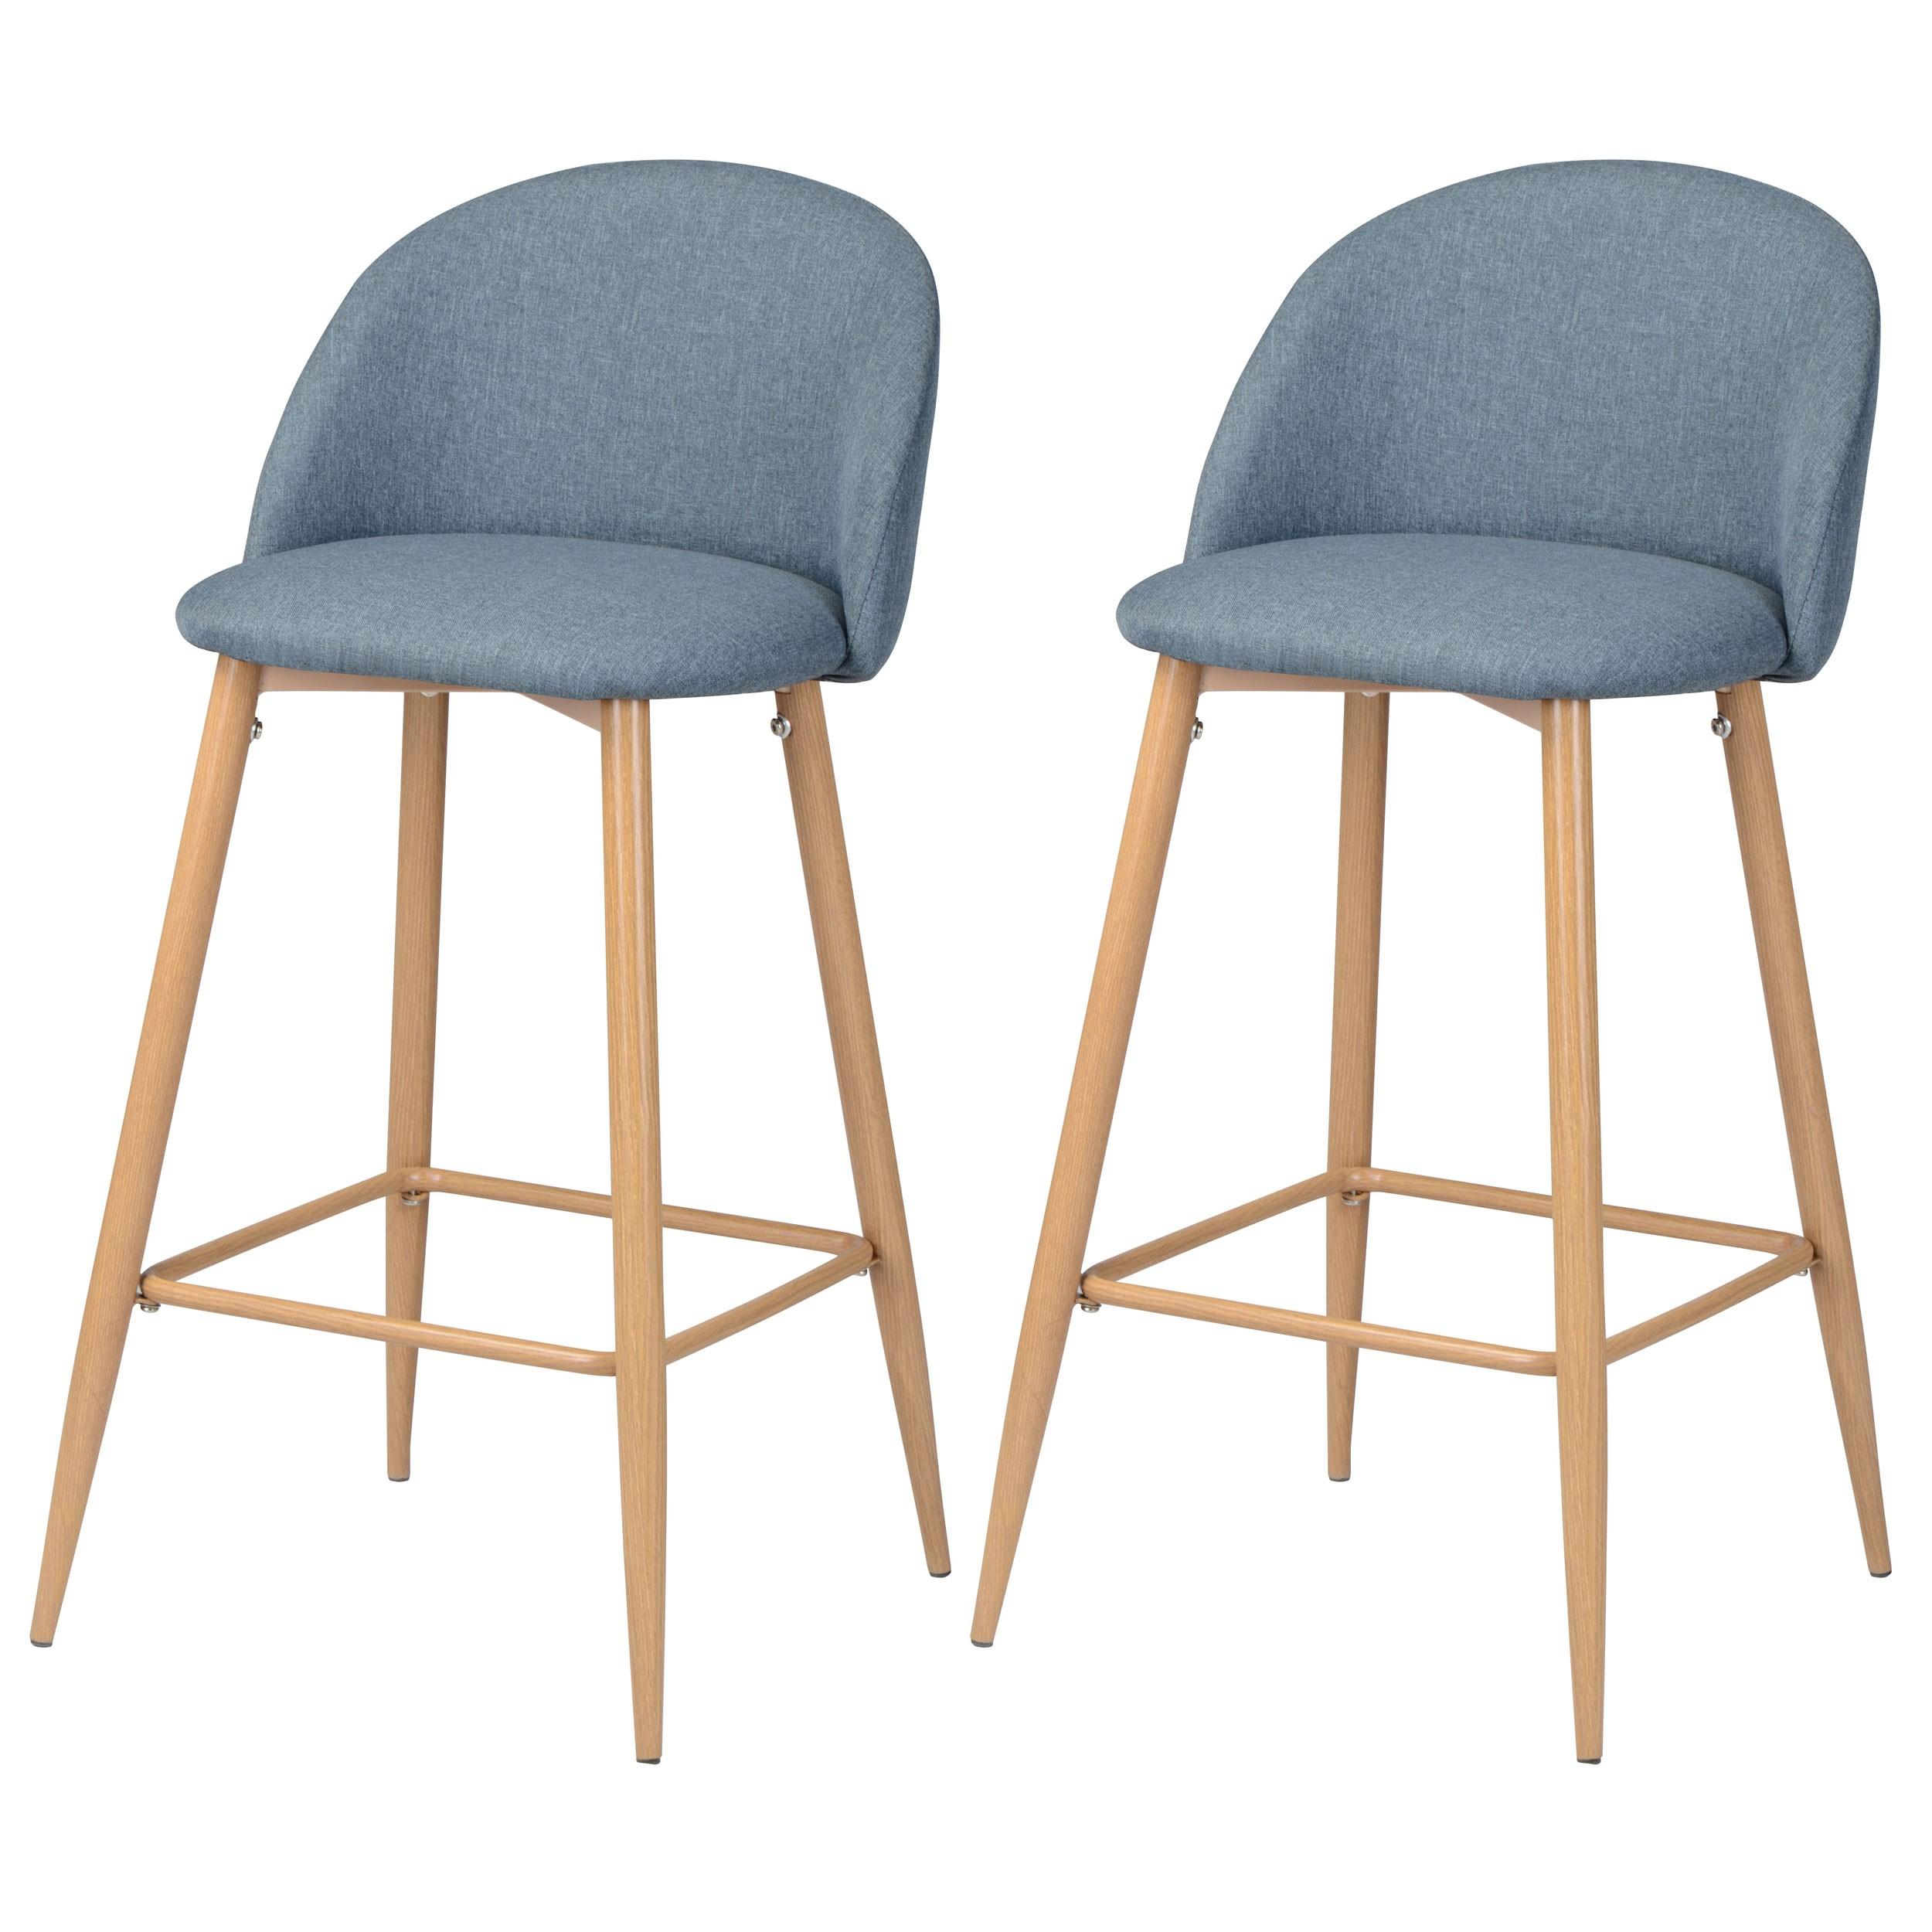 chaise de bar cozy bleue lot de 2 retrouvez nos chaises de bar cozy bleues lot de 2 rdv d co. Black Bedroom Furniture Sets. Home Design Ideas